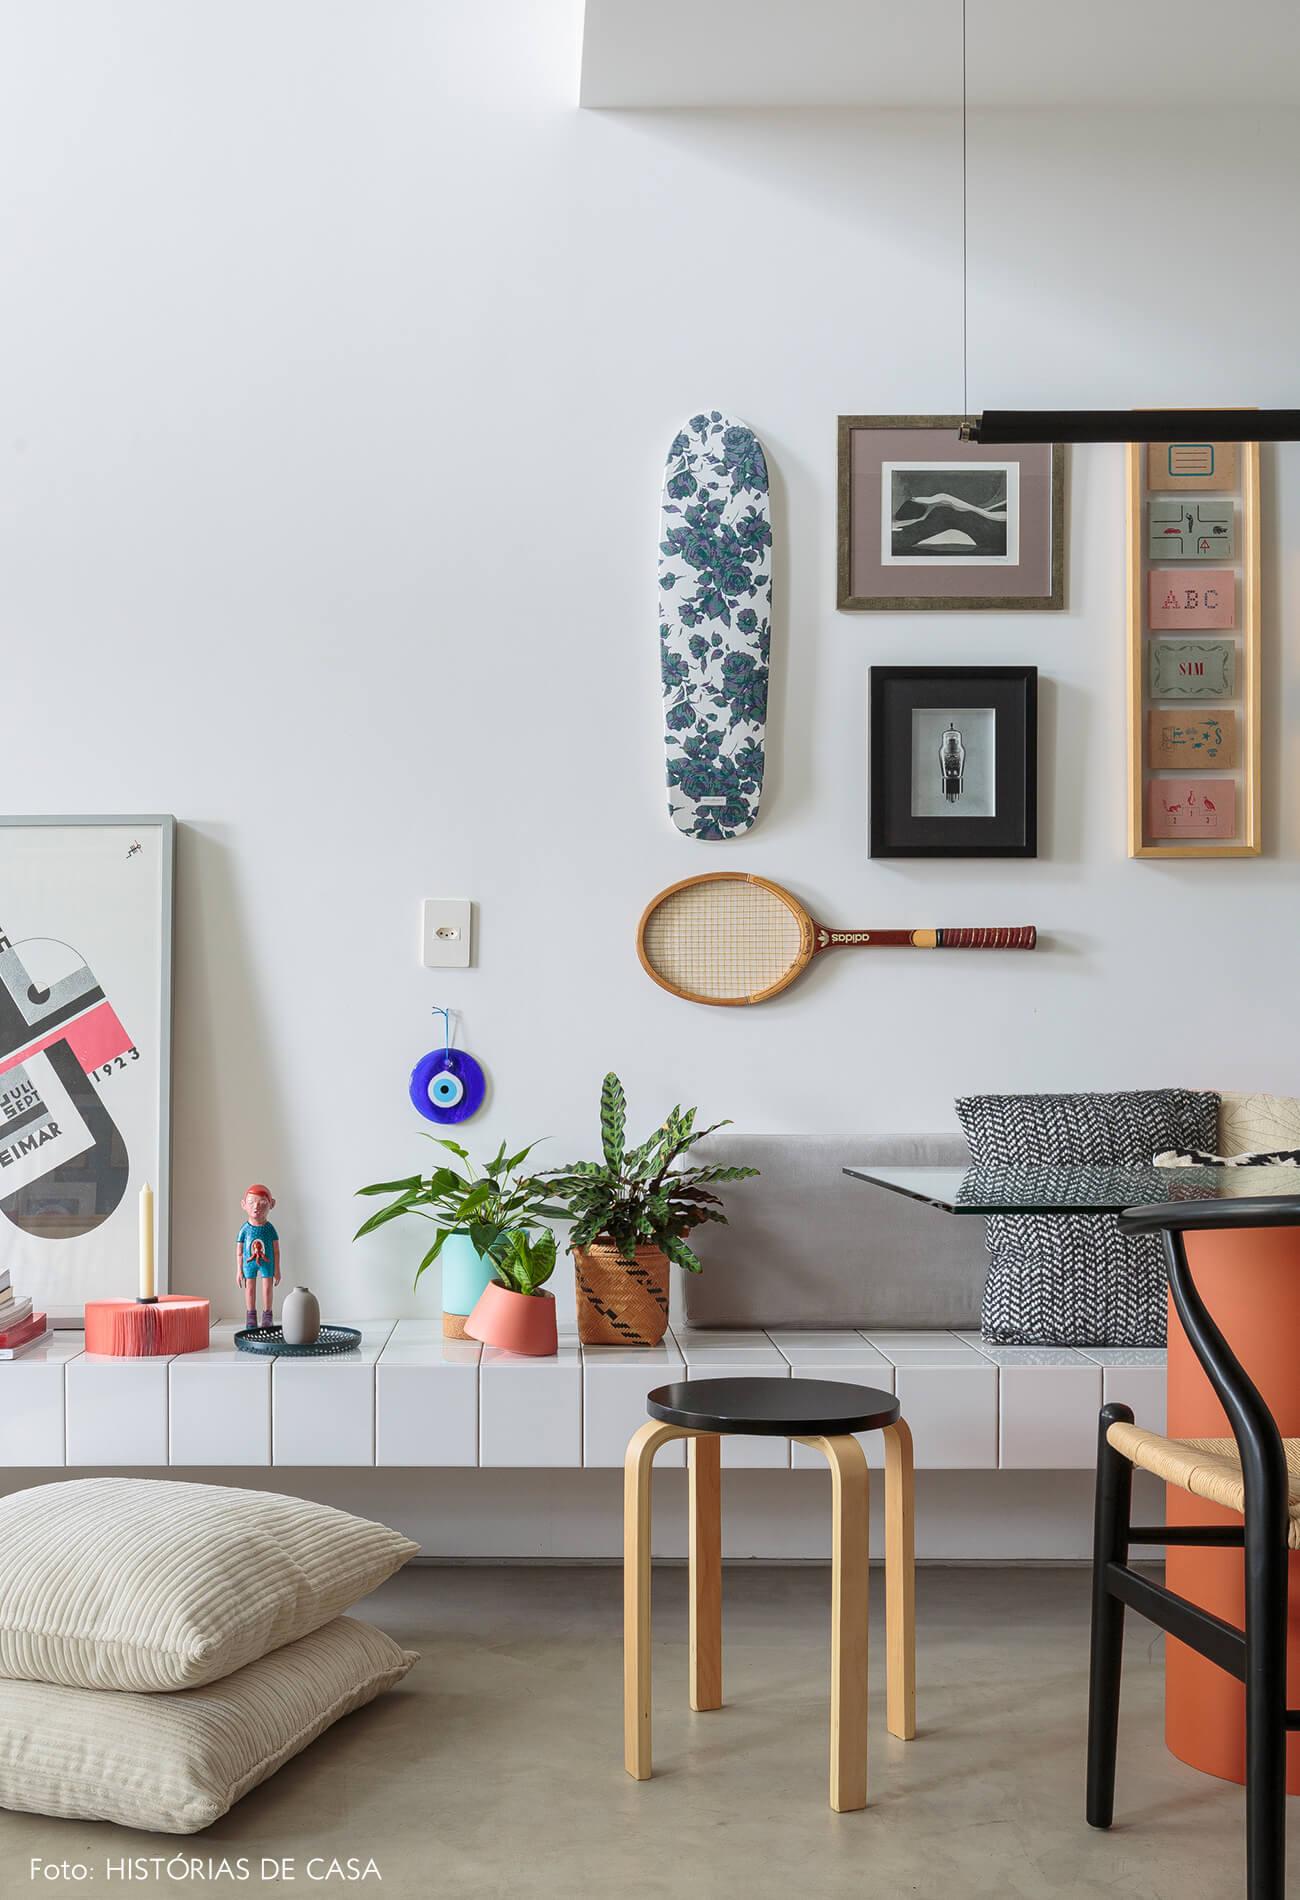 flavio-decoração-sala-com-banco-de-azulejo-e-quadros